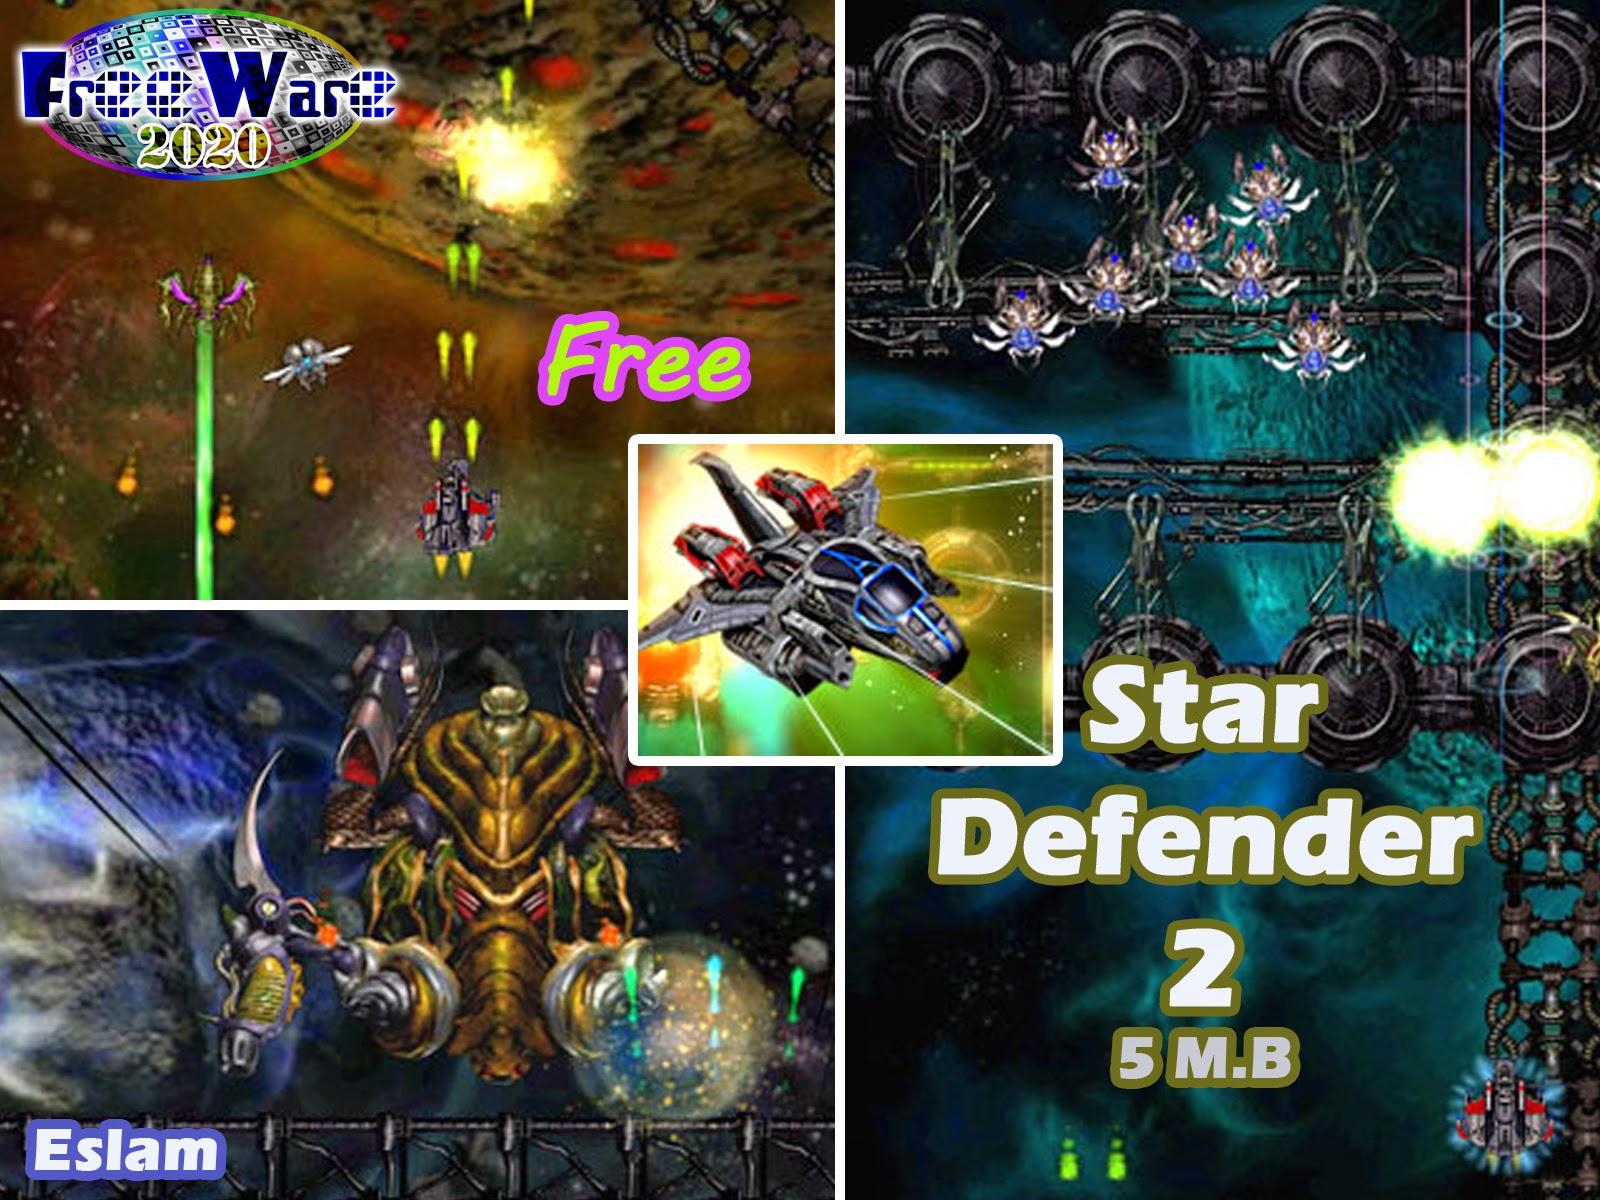 تحميل لعبة Star Defender 2 مجاناً